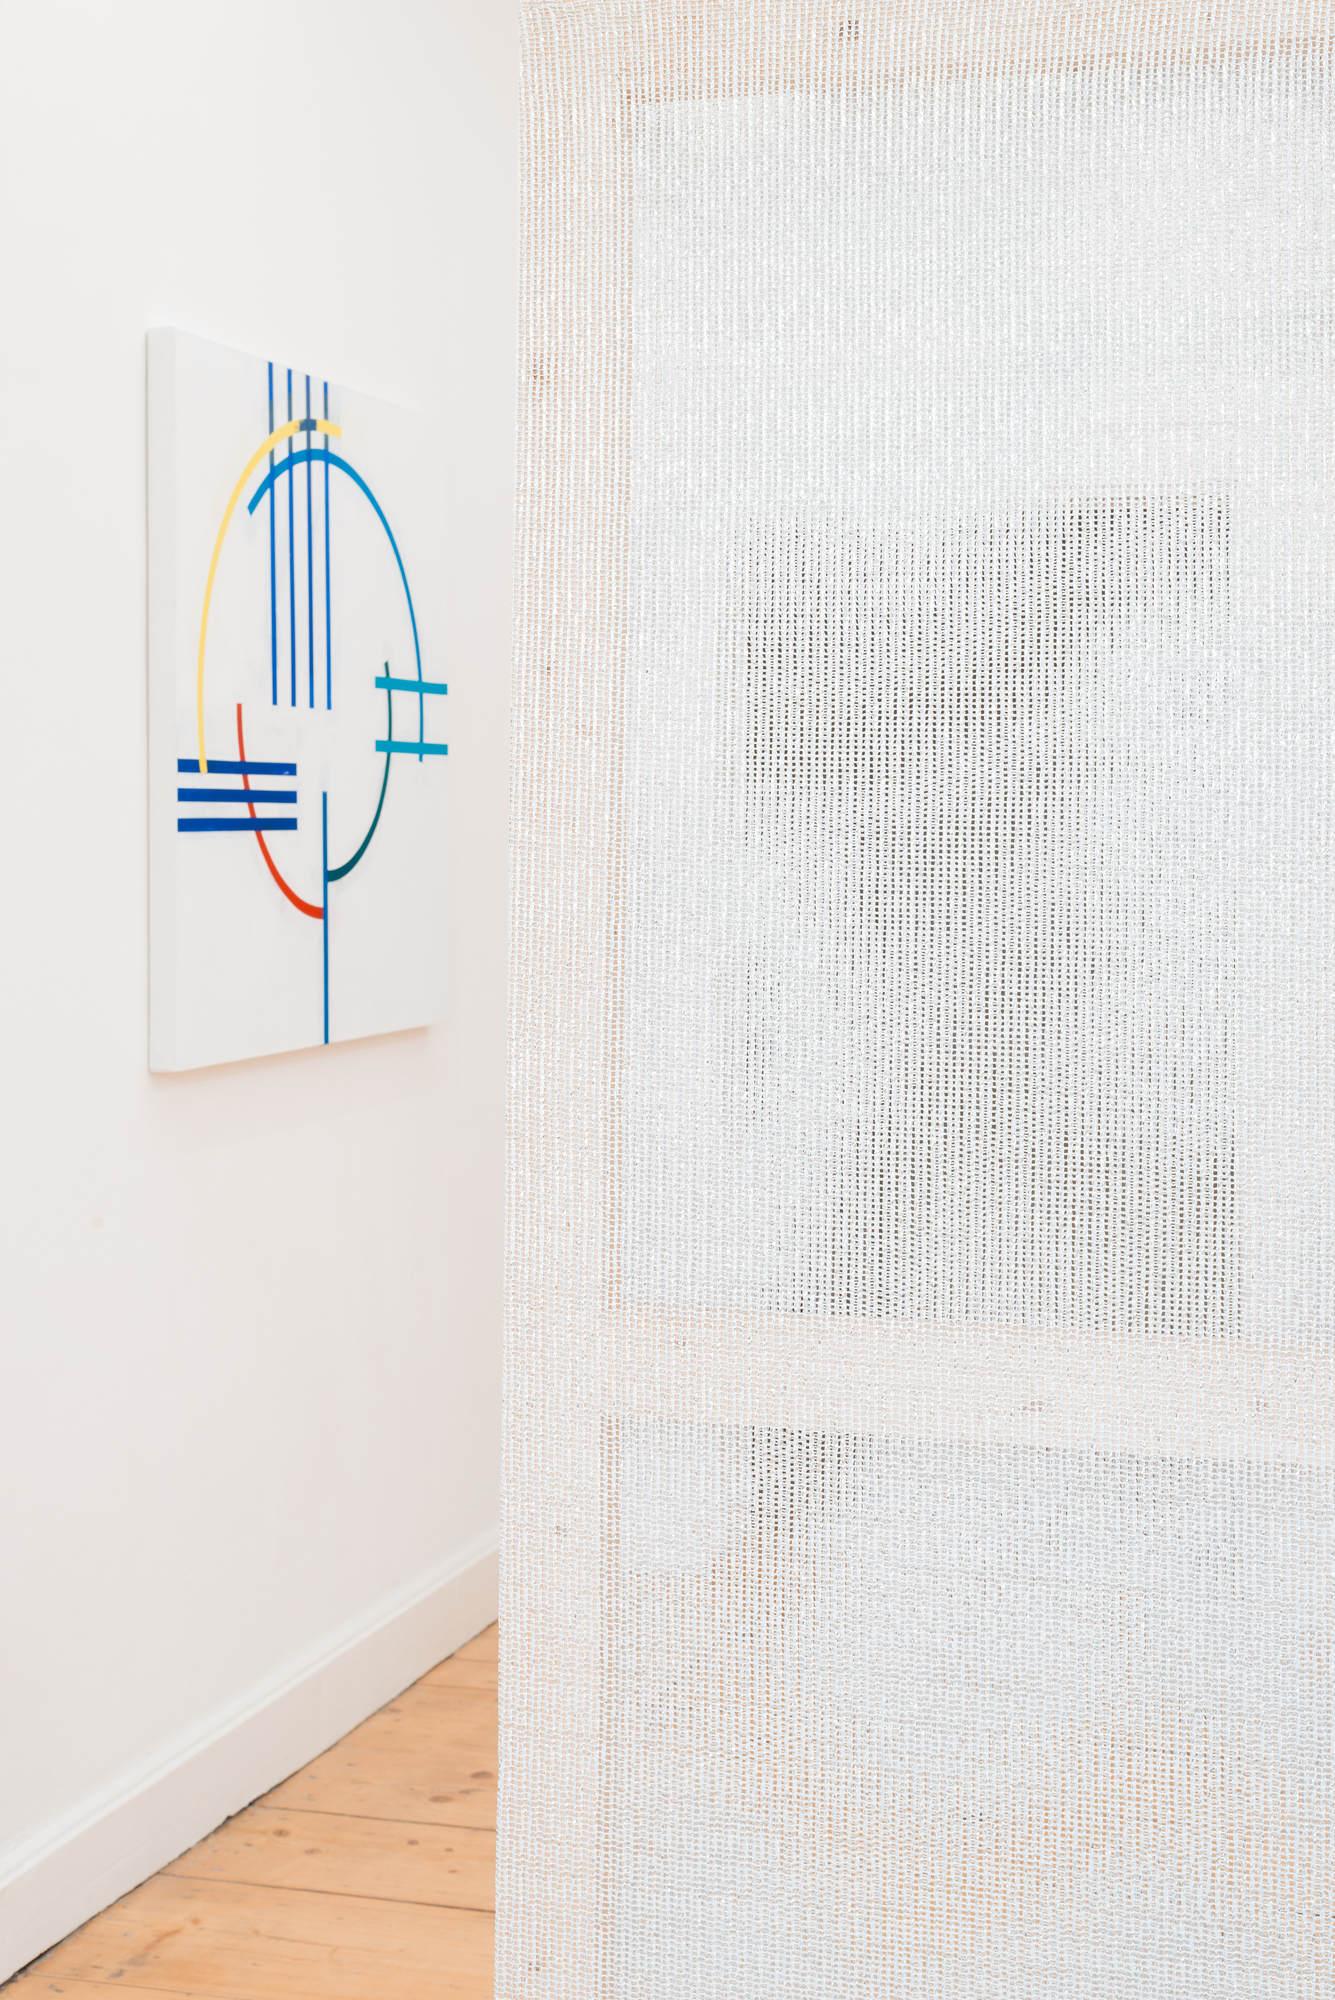 Open House at Kunstverein Braunschweig_Zobernig 1